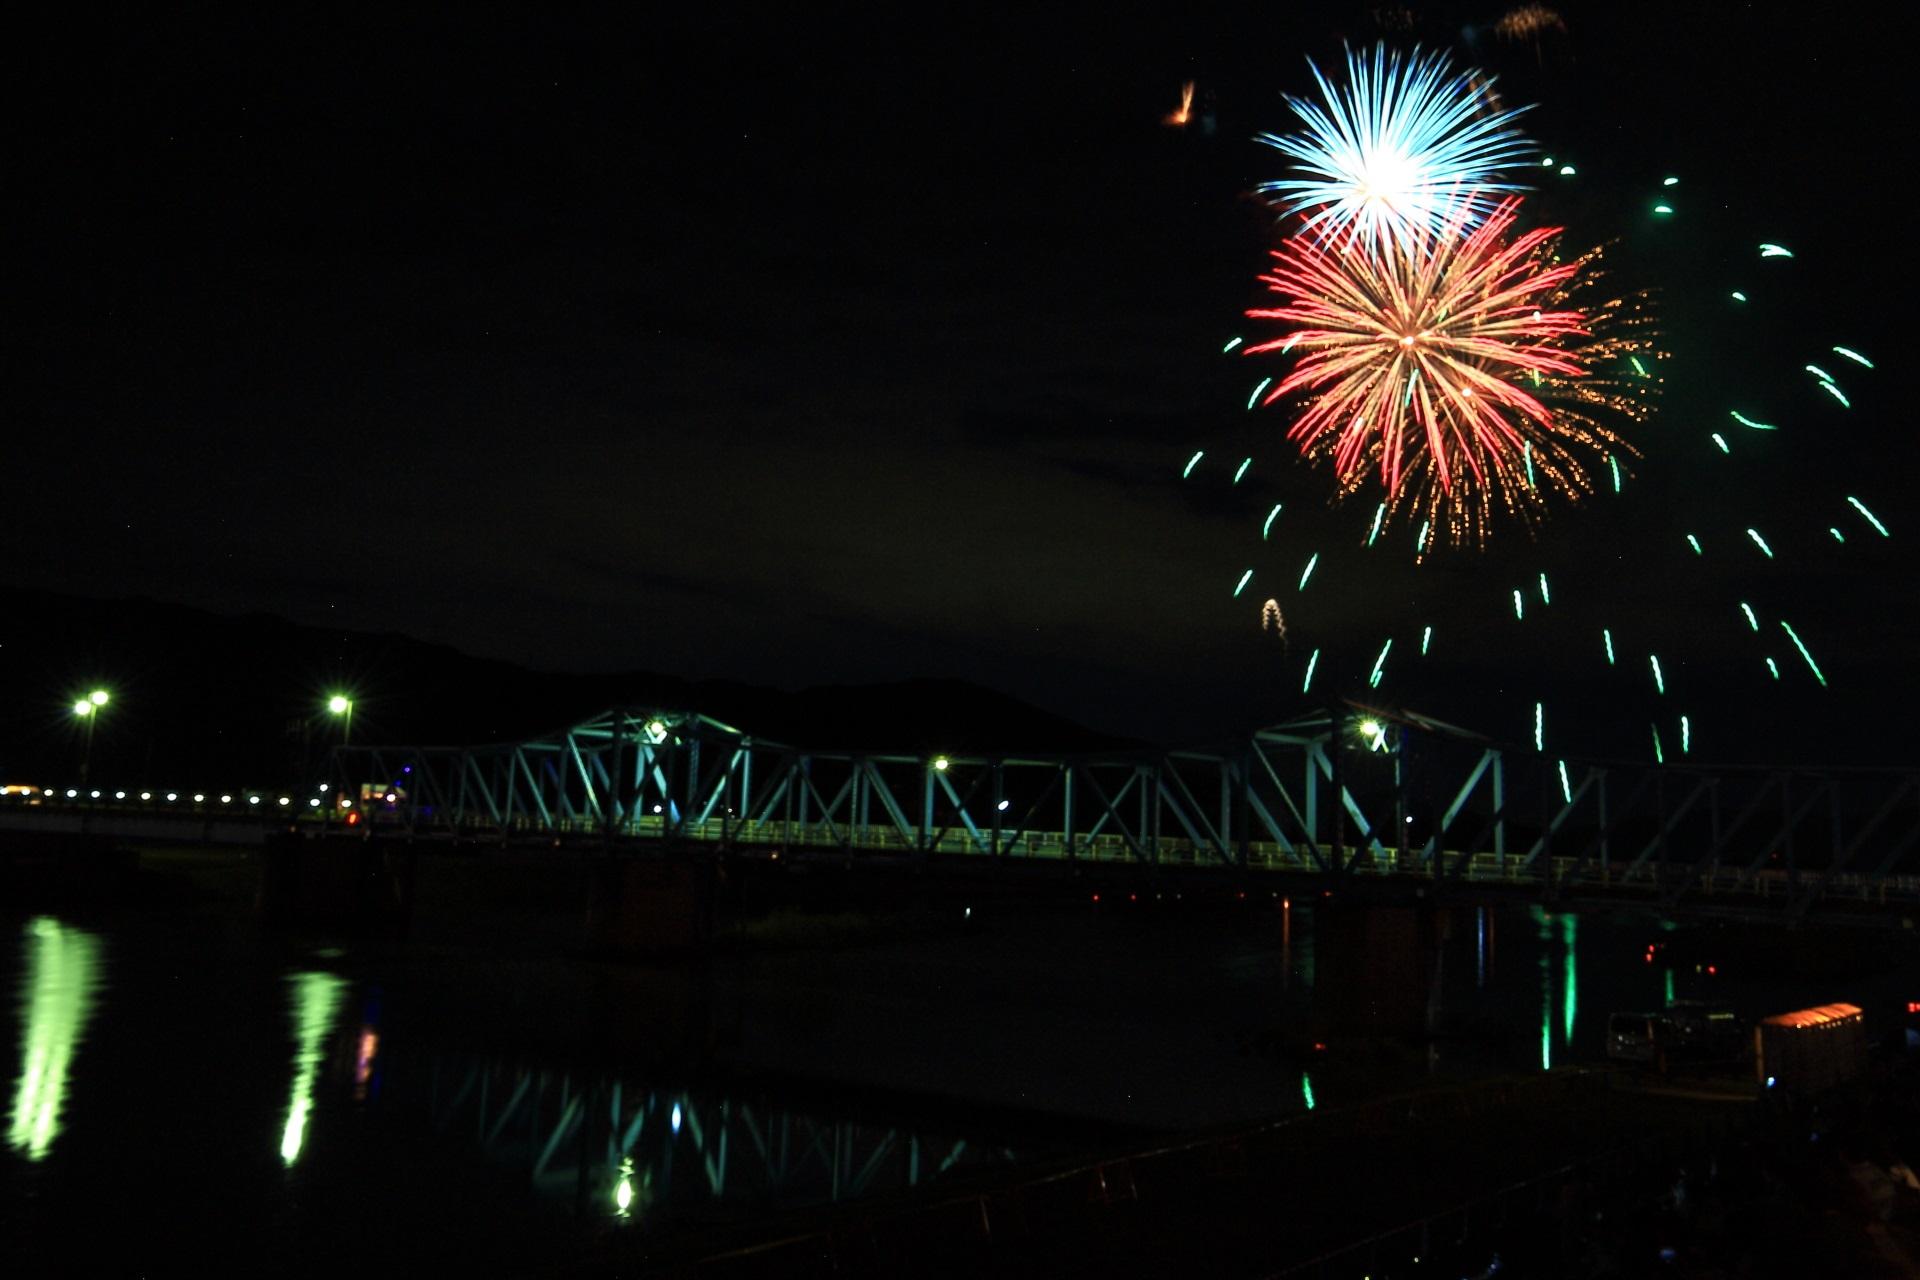 大堰橋と色とりどりの花火